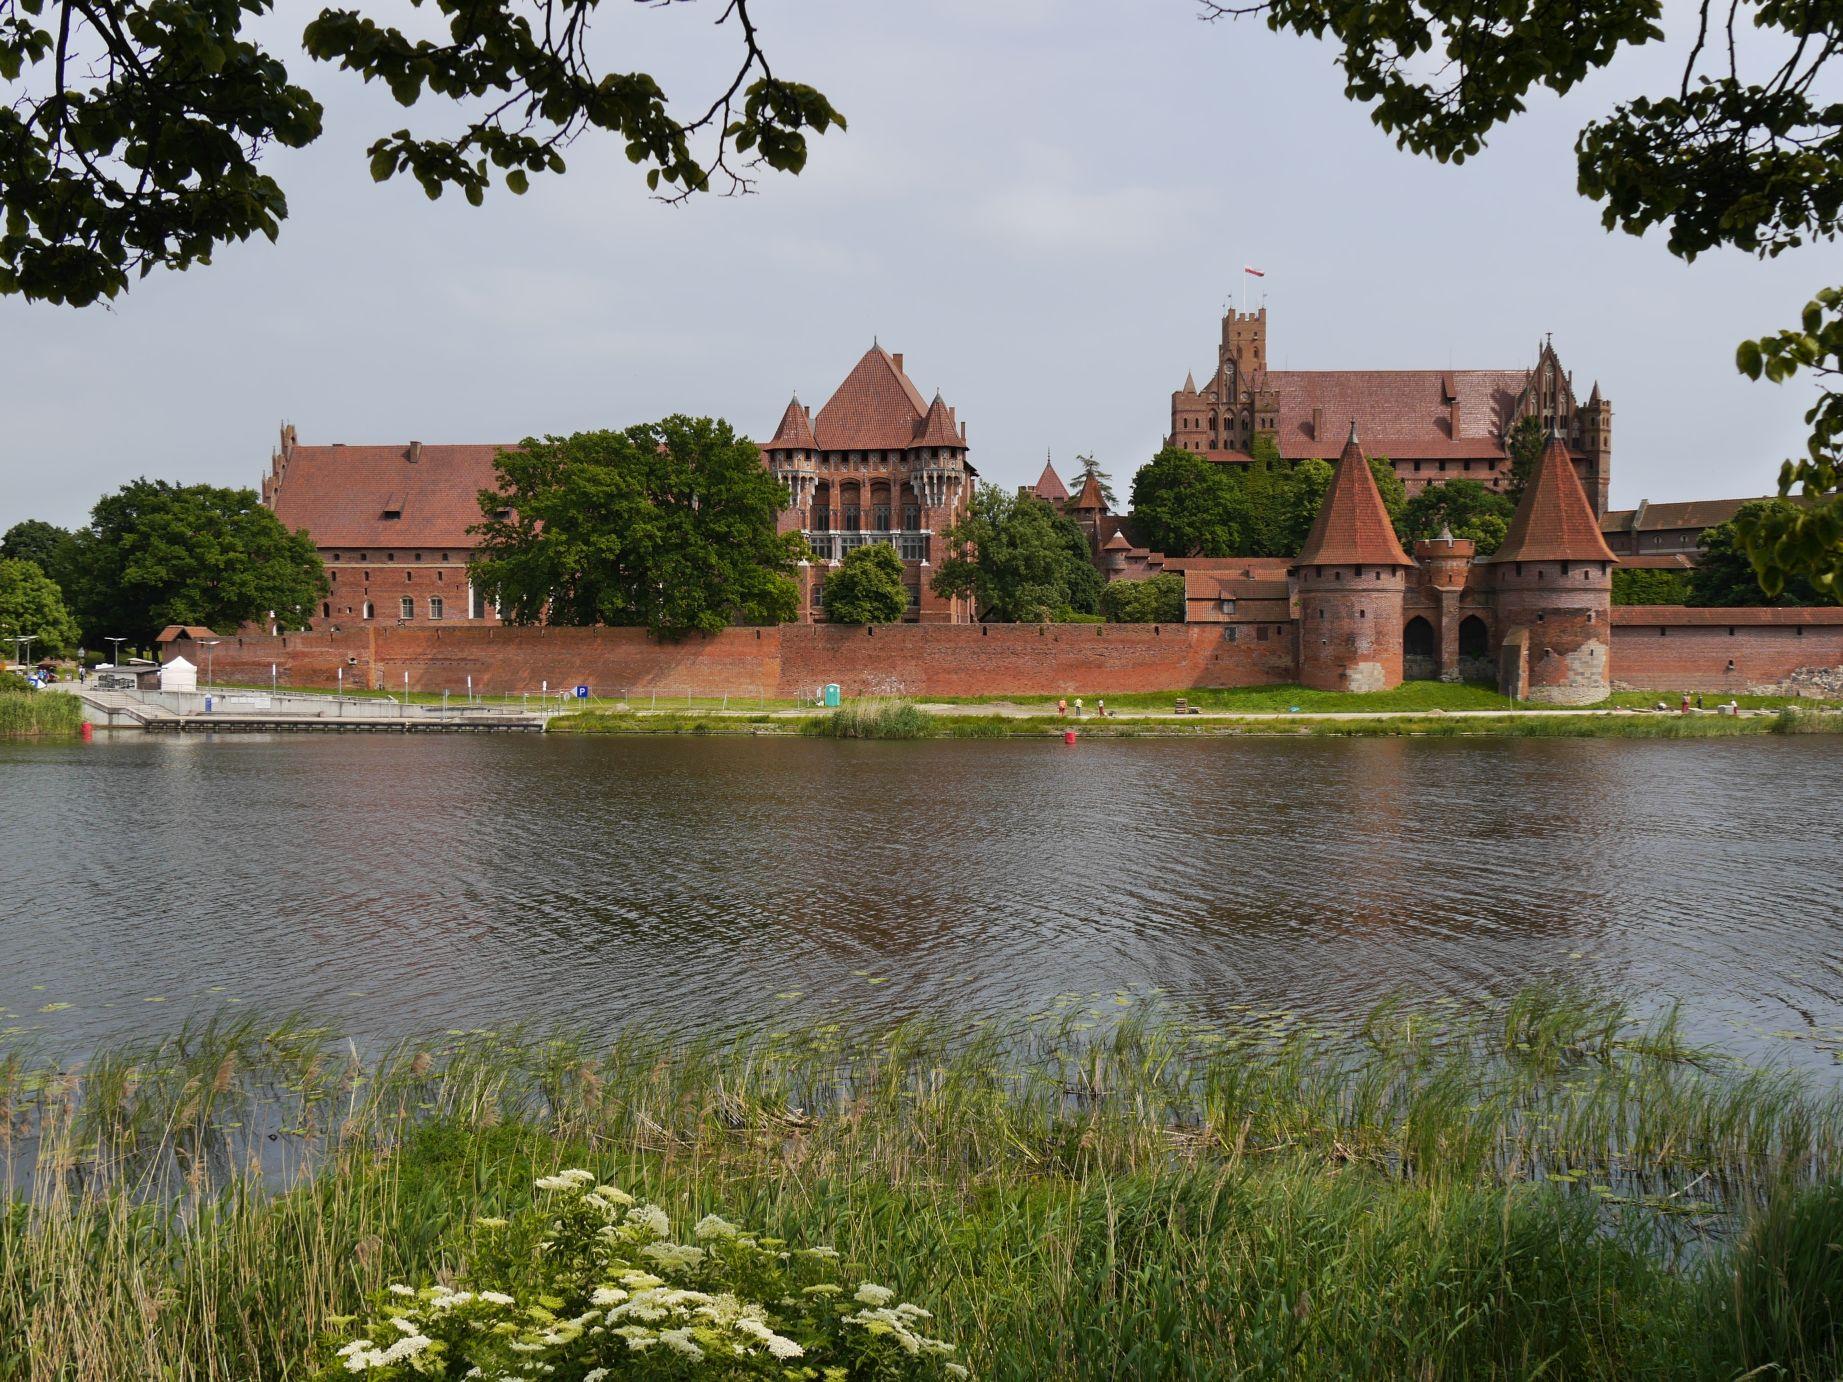 Die Ordensburg Marienburg über dem Fluss Nogat (Malborg)